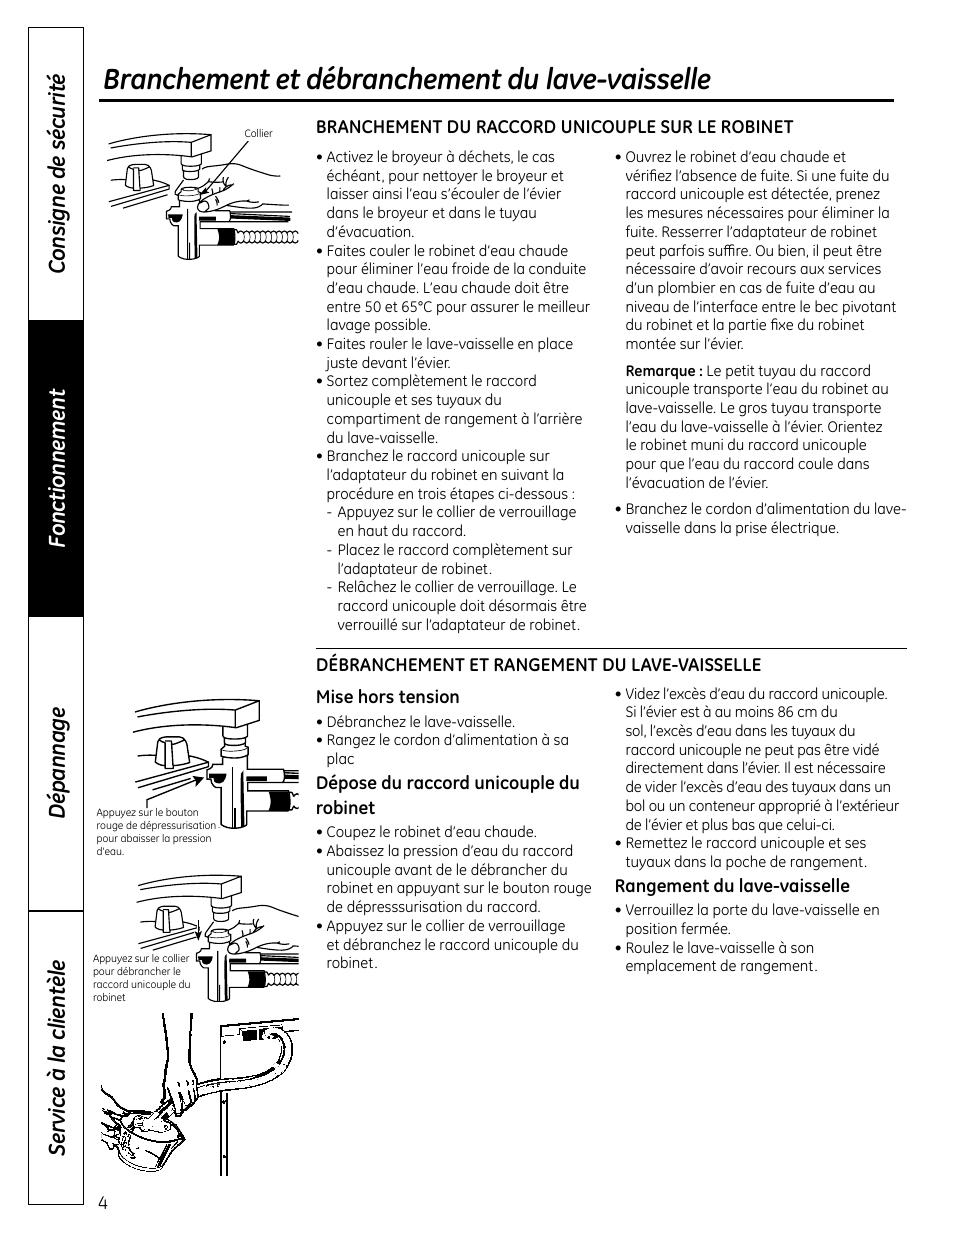 Branchement Et Débranchement Du Lave Vaisselle | GE GSC3500DWW Manuel  Du0027utilisation | Page 28 / 48